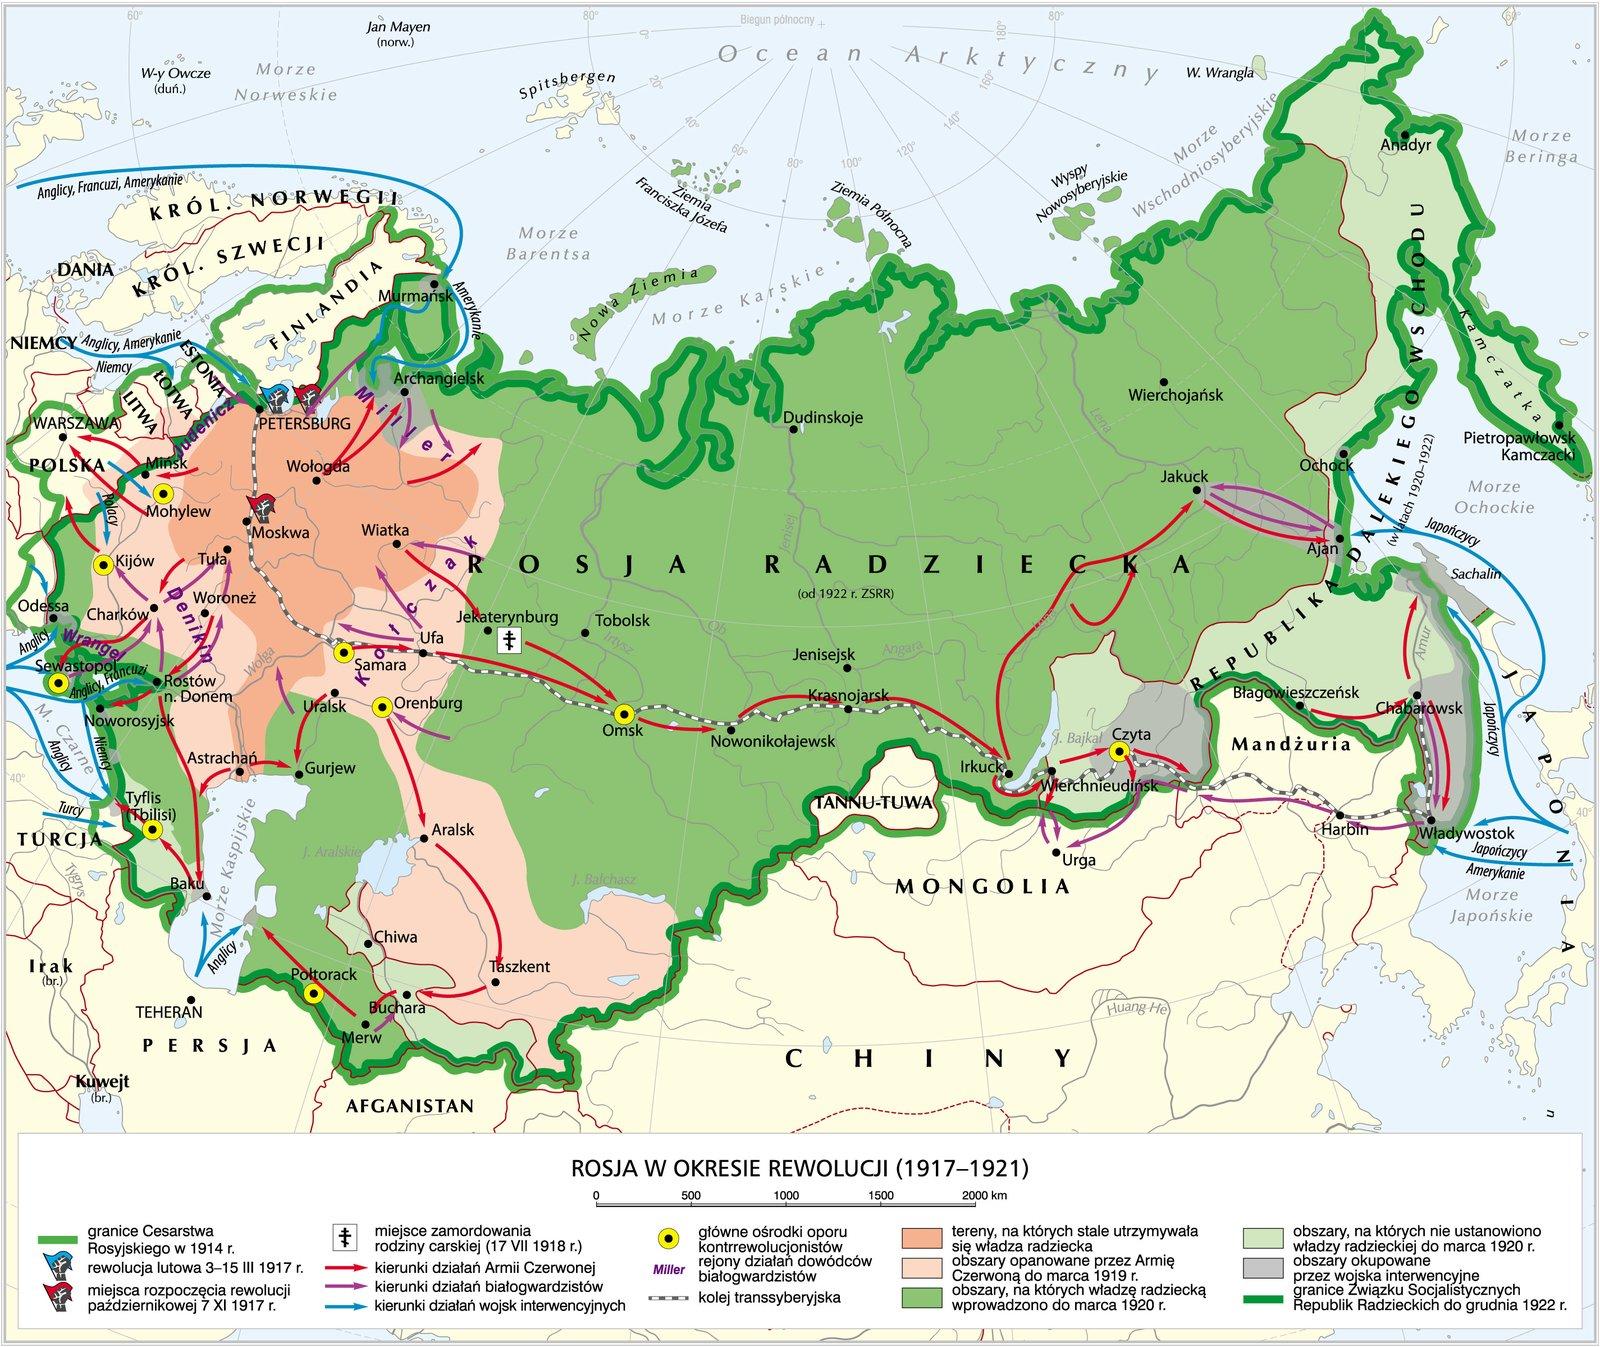 Rosja wokresie rewolucji Rosja wokresie rewolucji Źródło: Krystian Chariza izespół, licencja: CC BY 3.0.